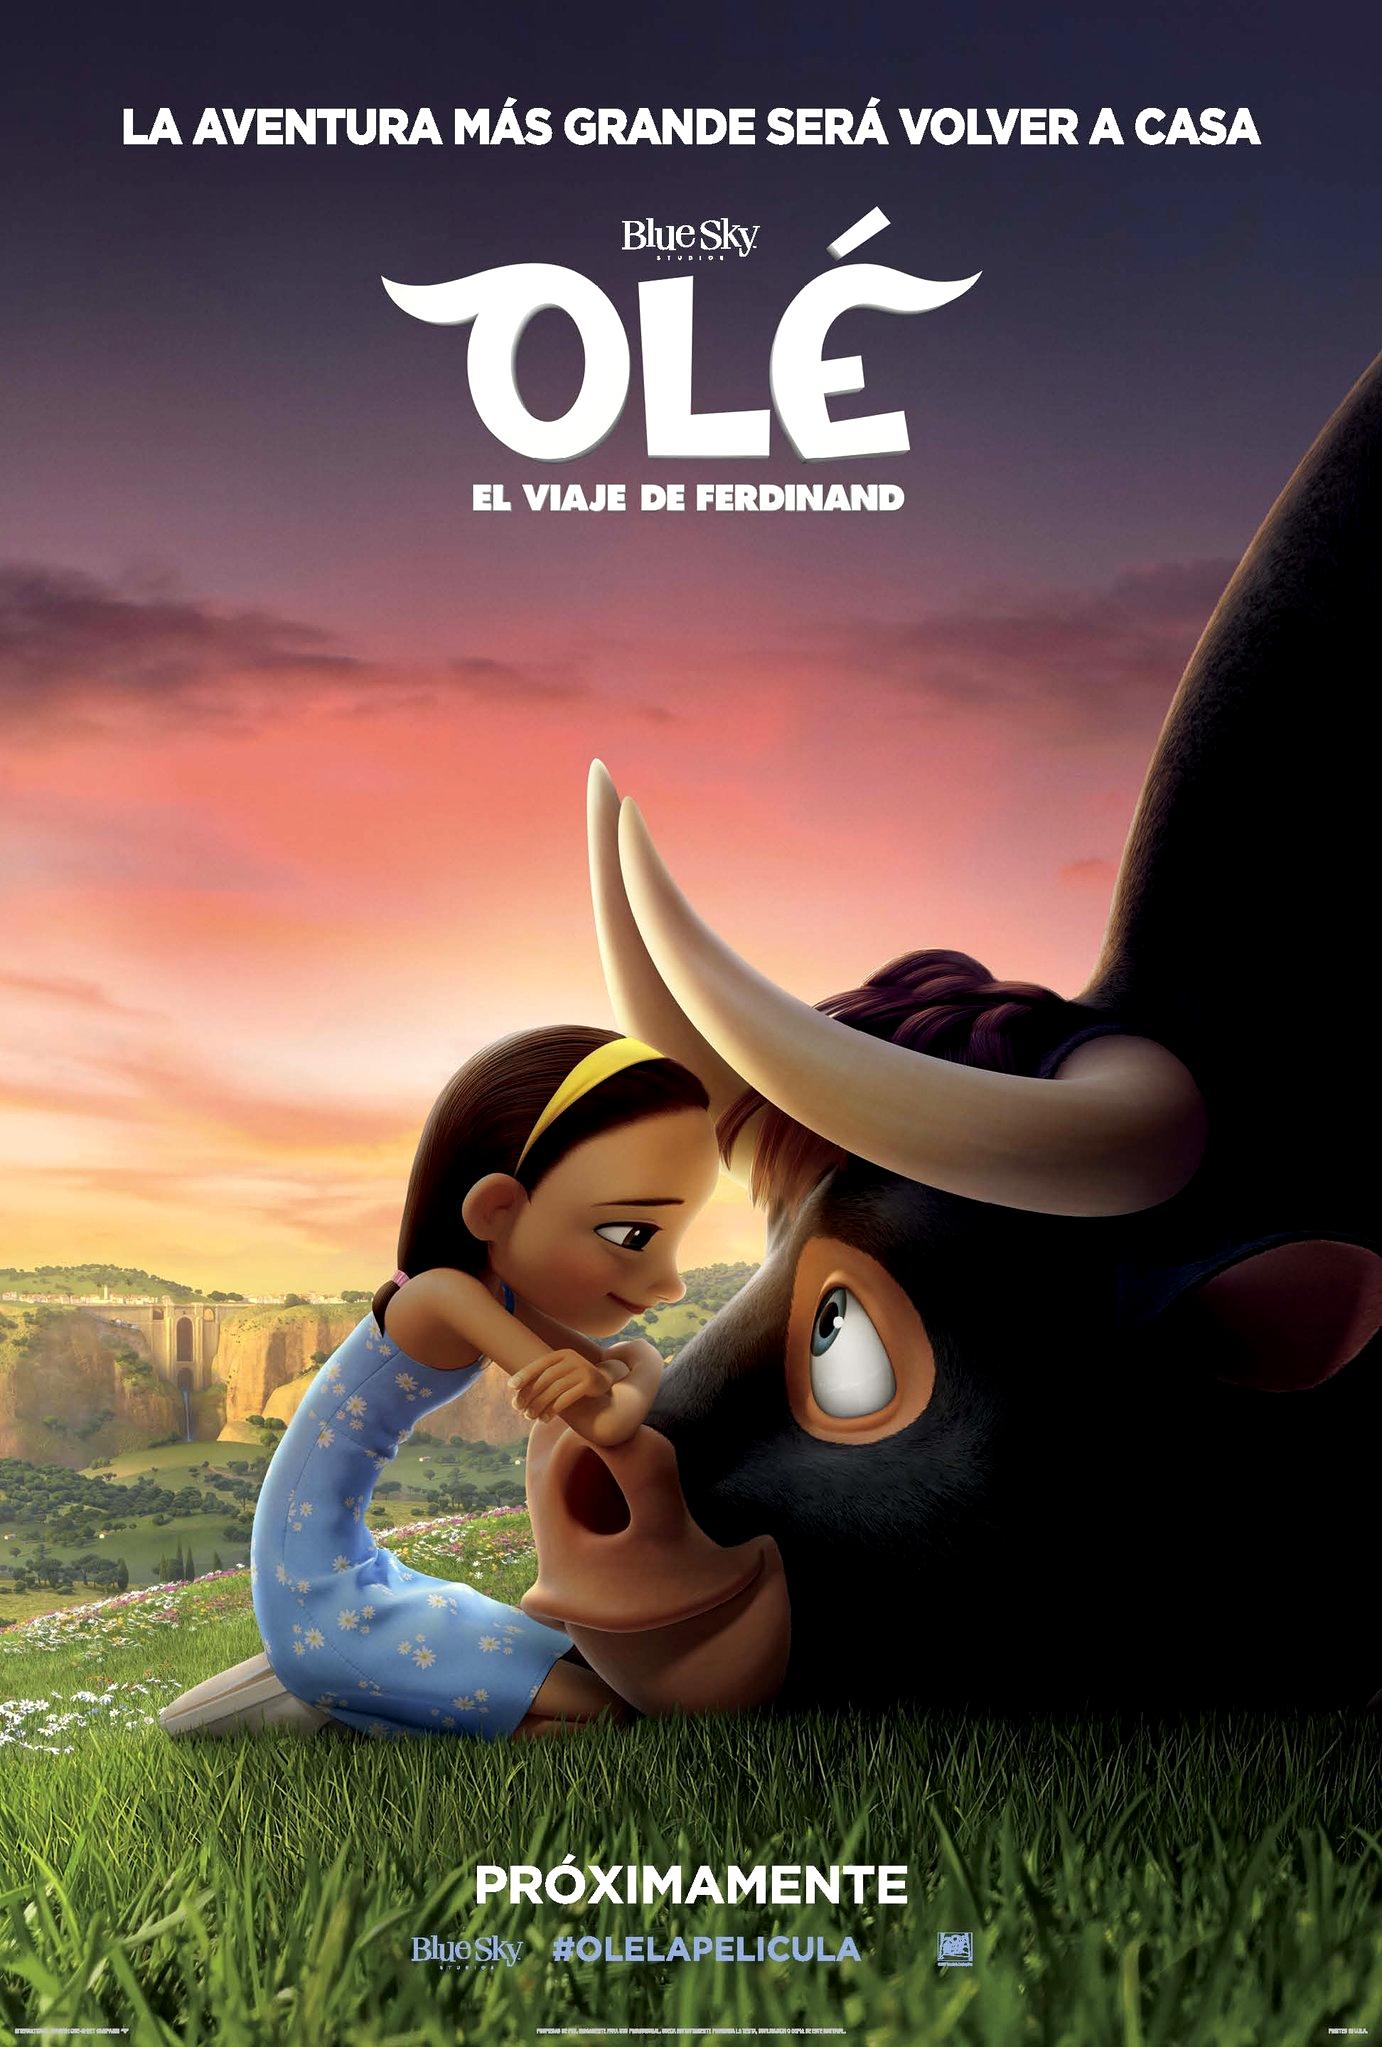 Ole el viaje de ferdinand movie 4d